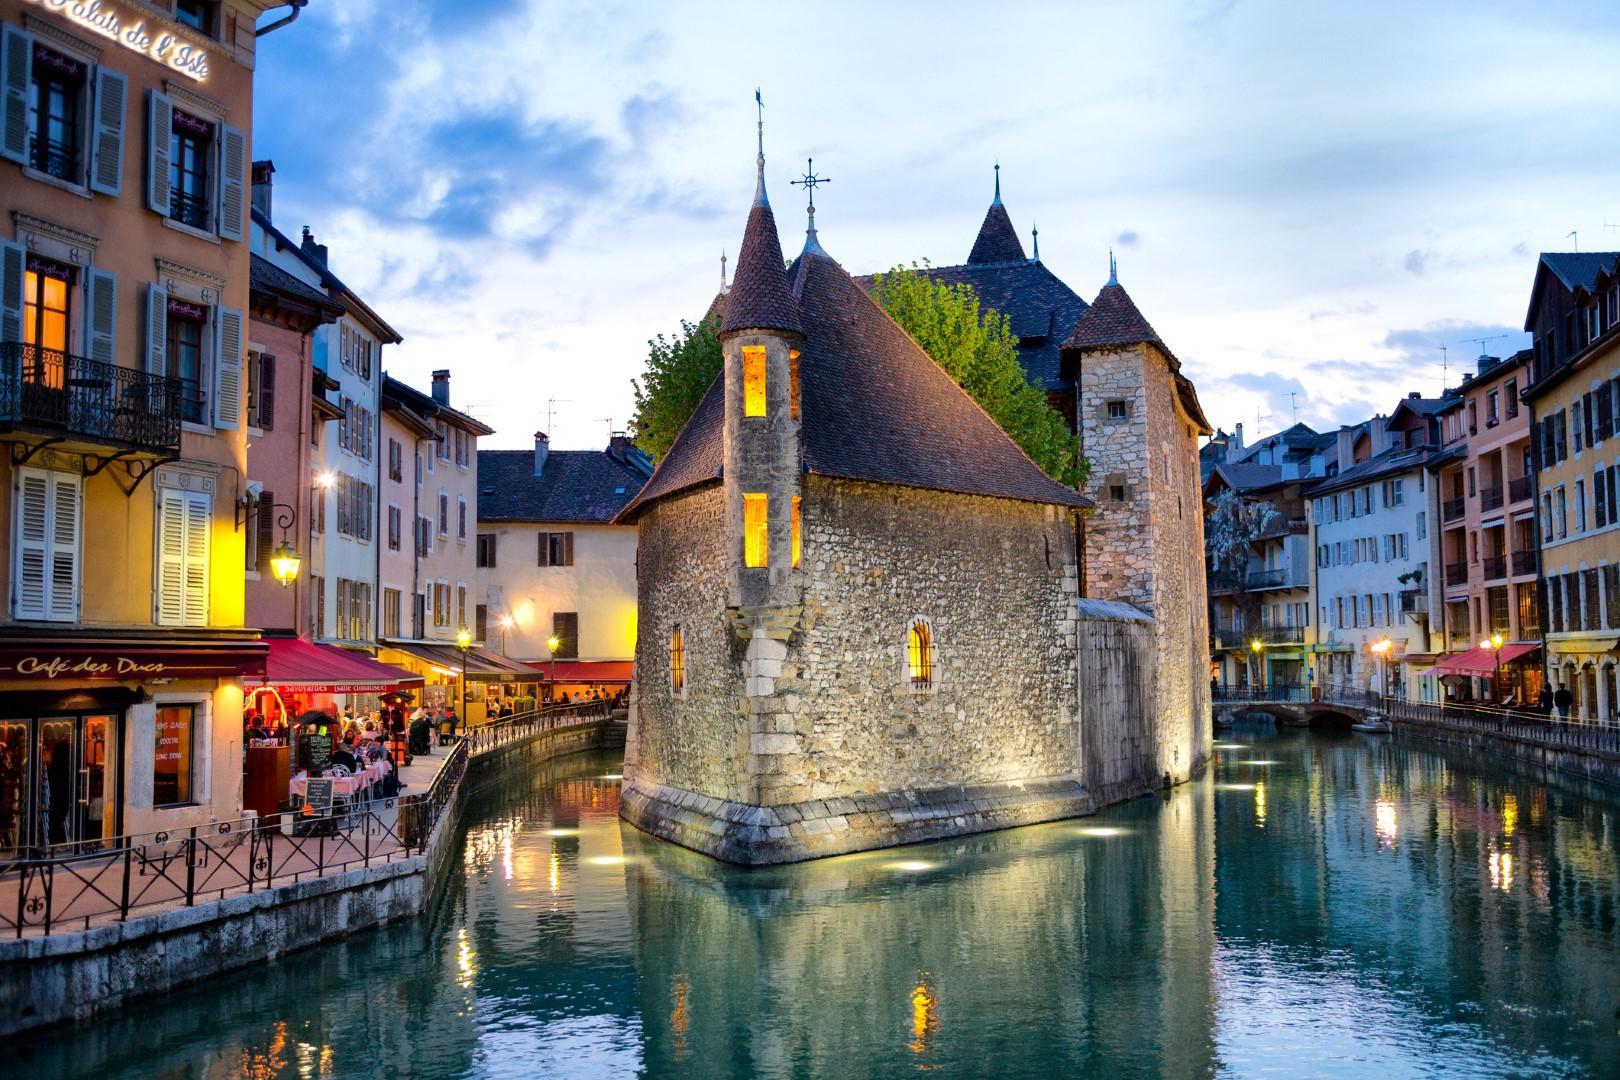 Europa 10 piccole citt gioiello tutte da scoprire tgcom24 for Citta romantiche europa